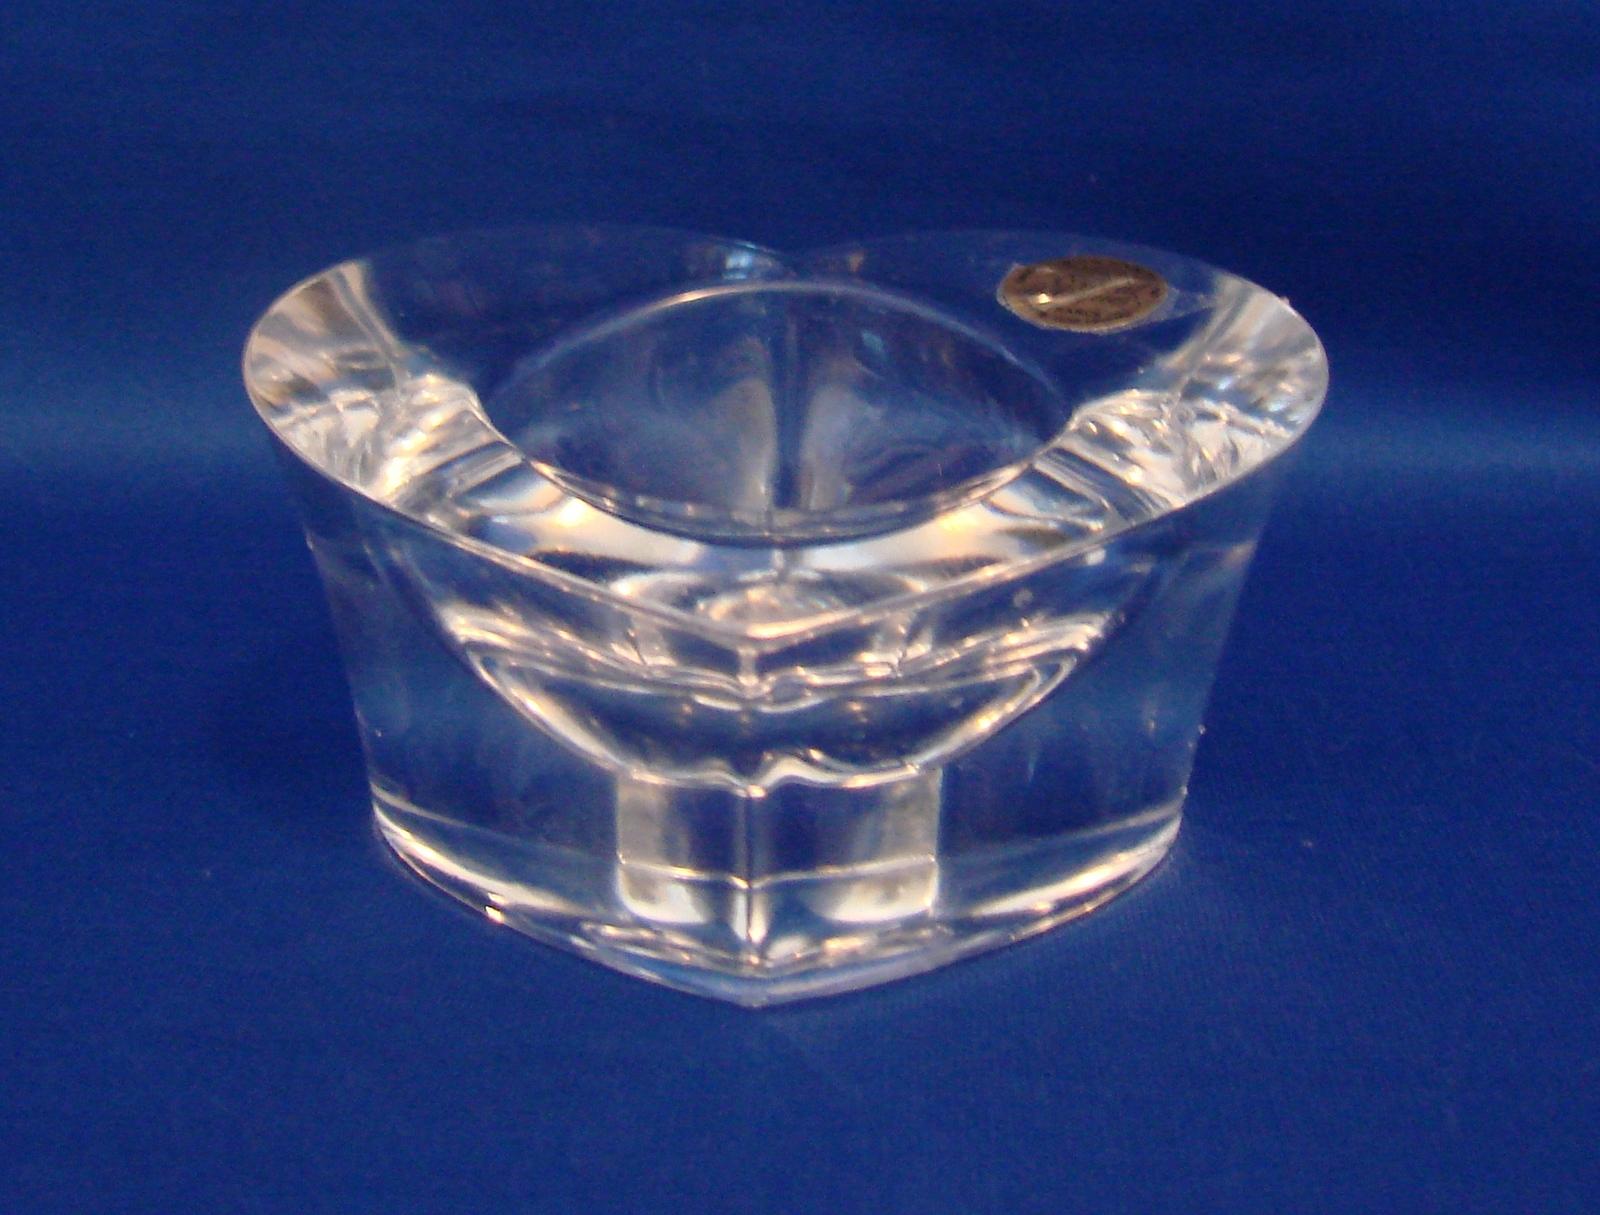 cristal d 39 arques candle holder 2 listings. Black Bedroom Furniture Sets. Home Design Ideas